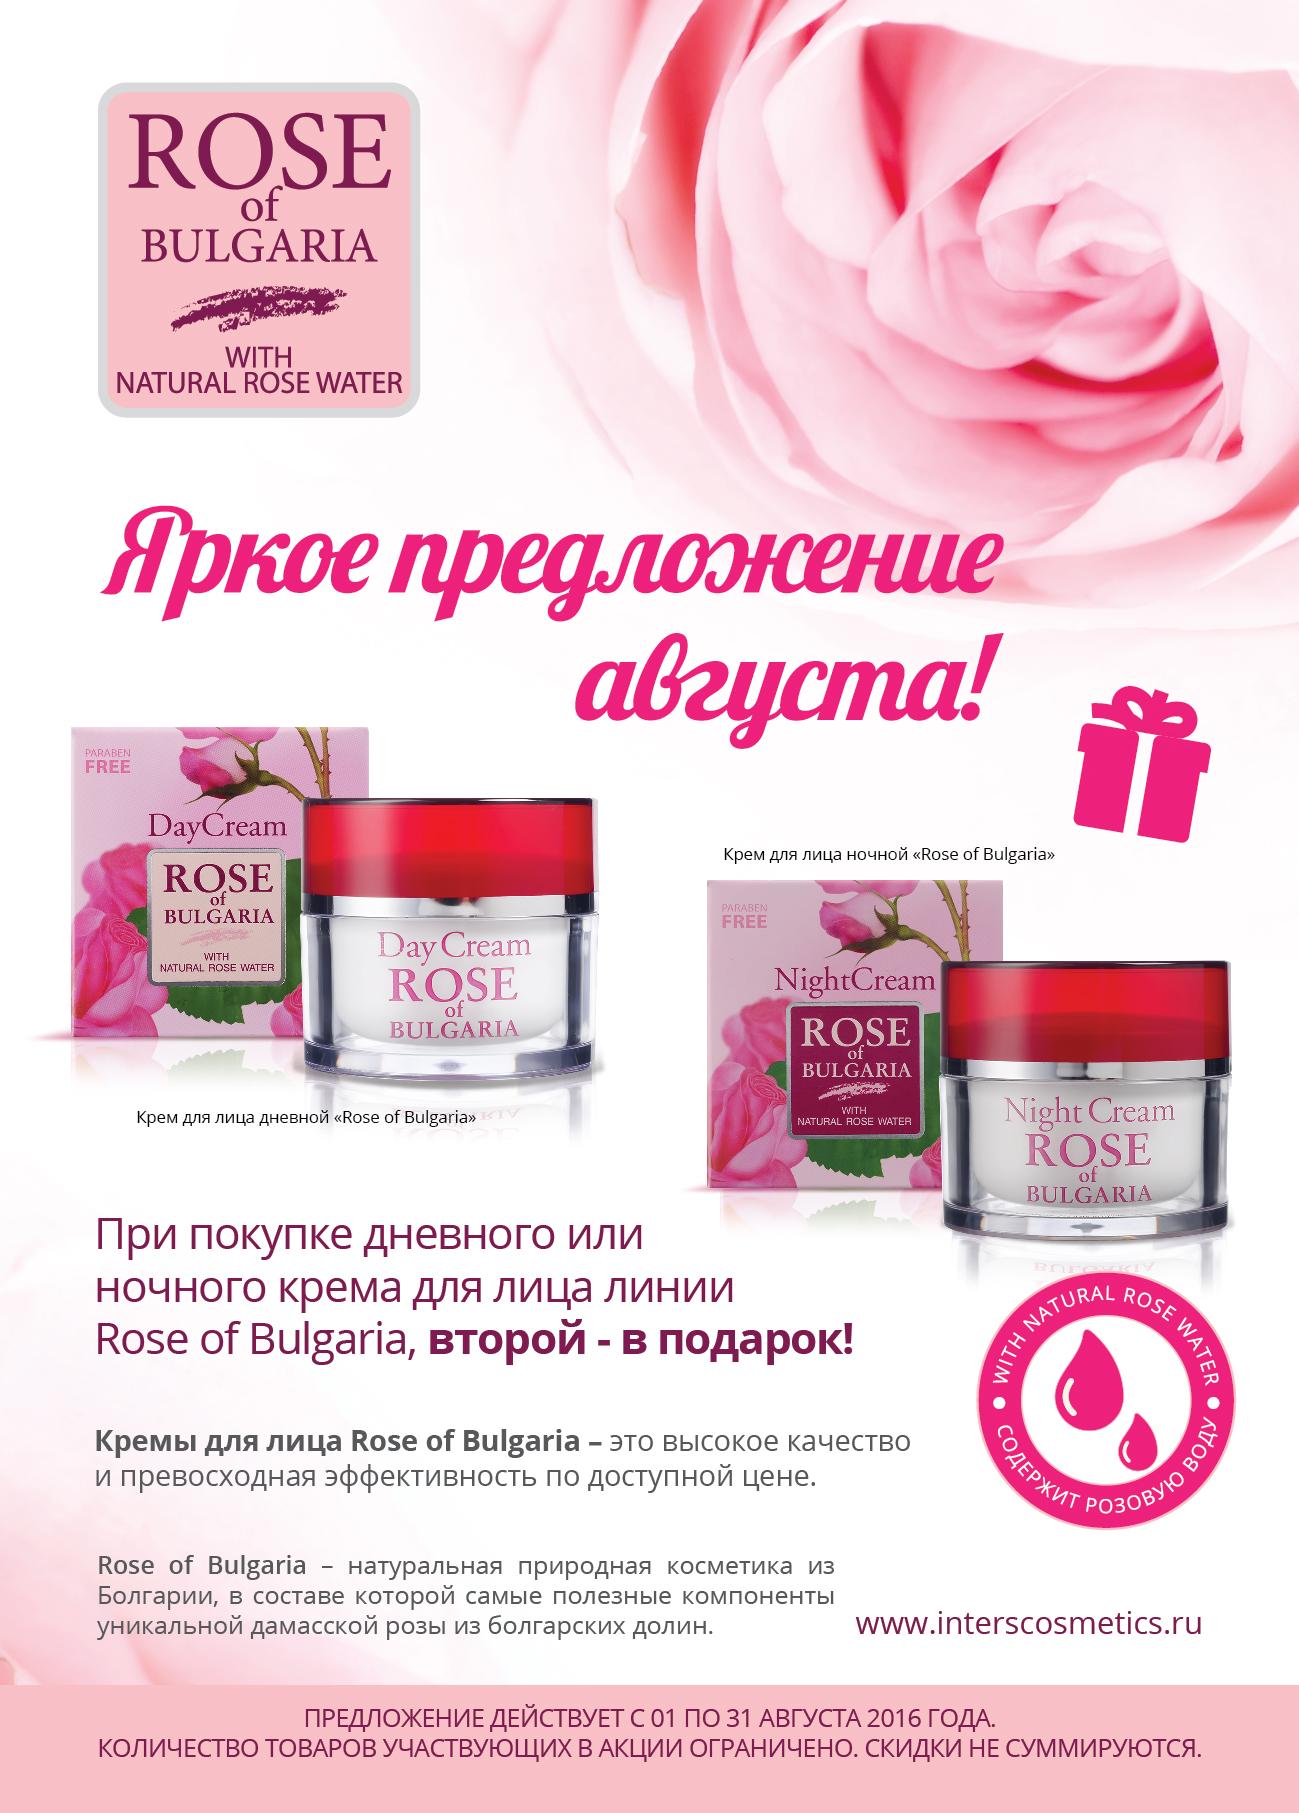 Золото природы для Вашей красоты. 100% натуральная косметика из сердца Болгарии! Акция от поставщика! 2 по цене 1!